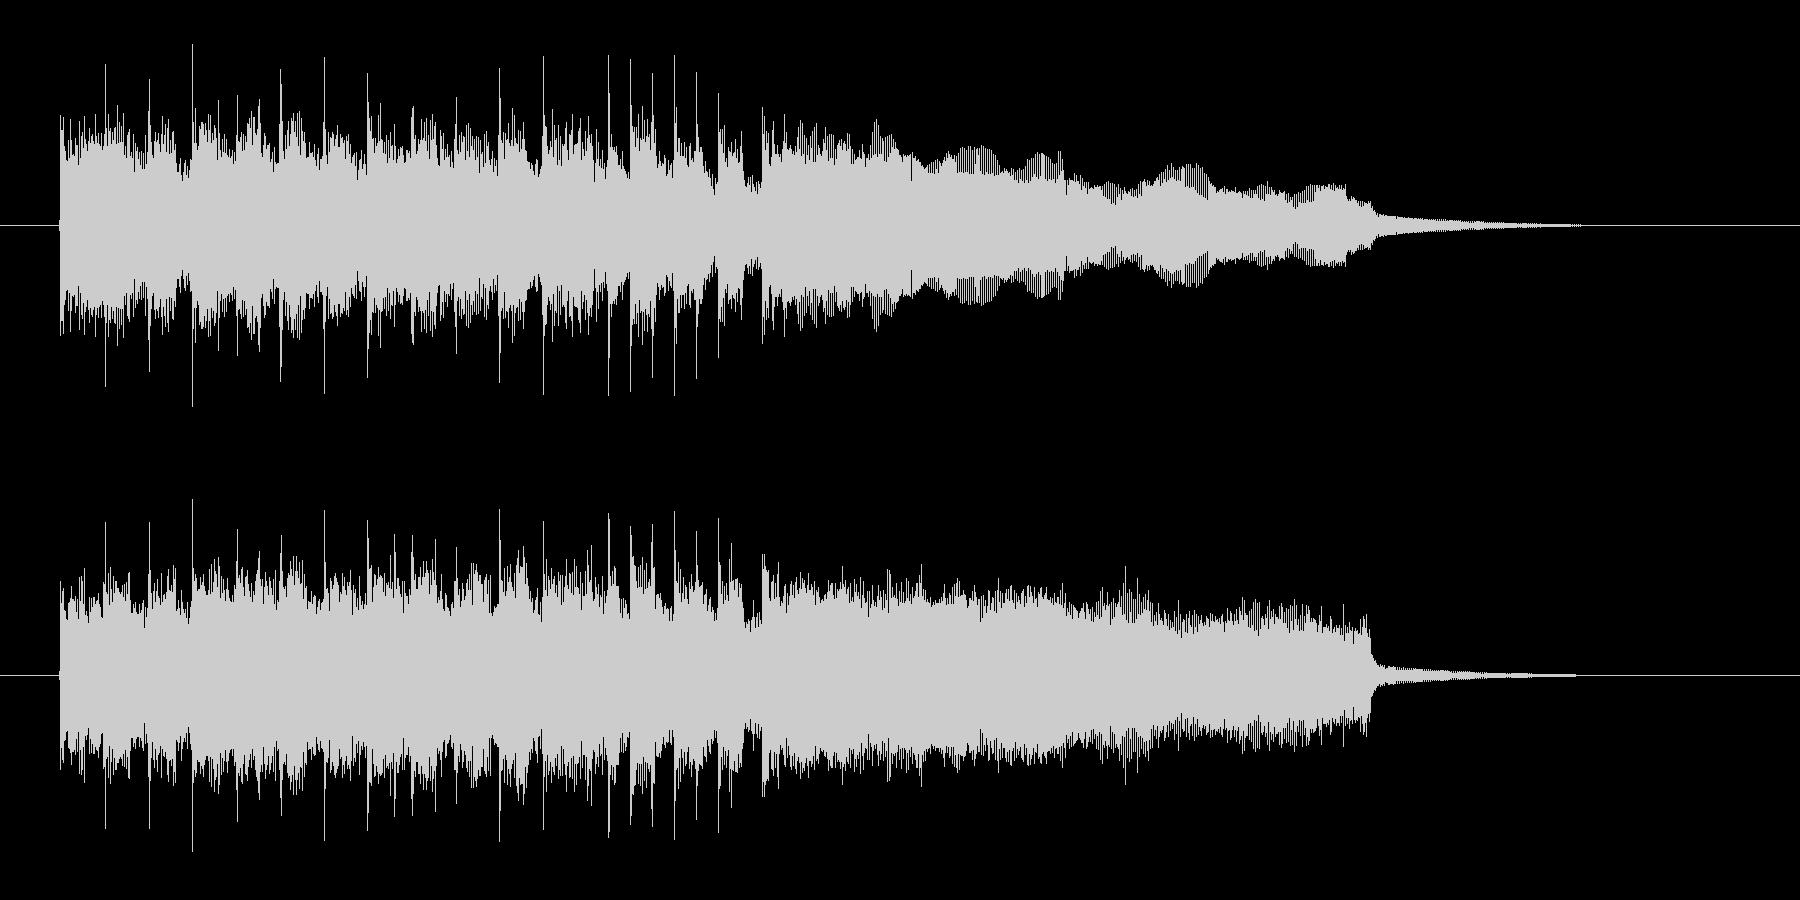 おしゃれで明るいシンセギターサウンドの未再生の波形